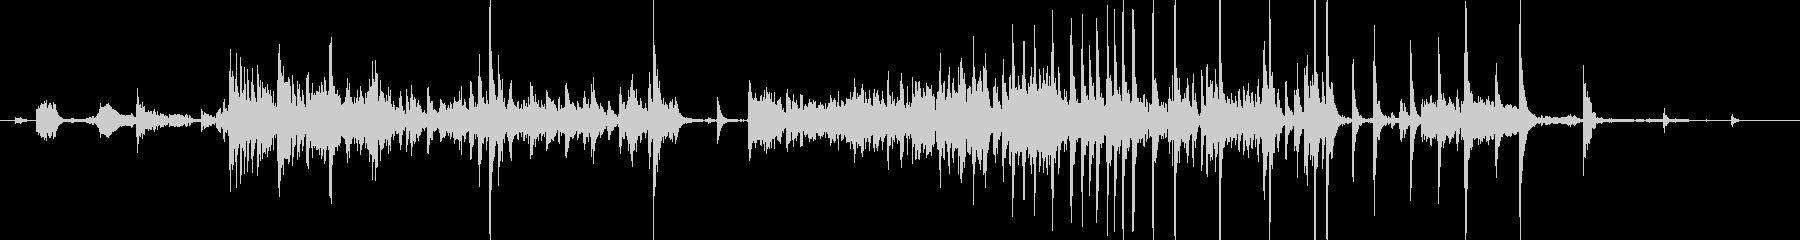 メタル クリークストレスミディアム01の未再生の波形